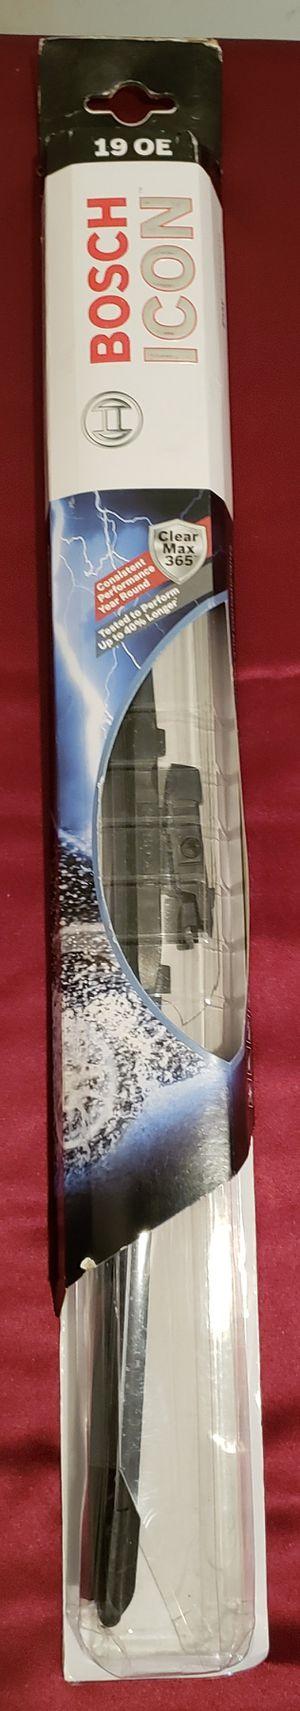 Bosch ICON Windshield Wiper Size 19 OE for Sale in Herndon, VA